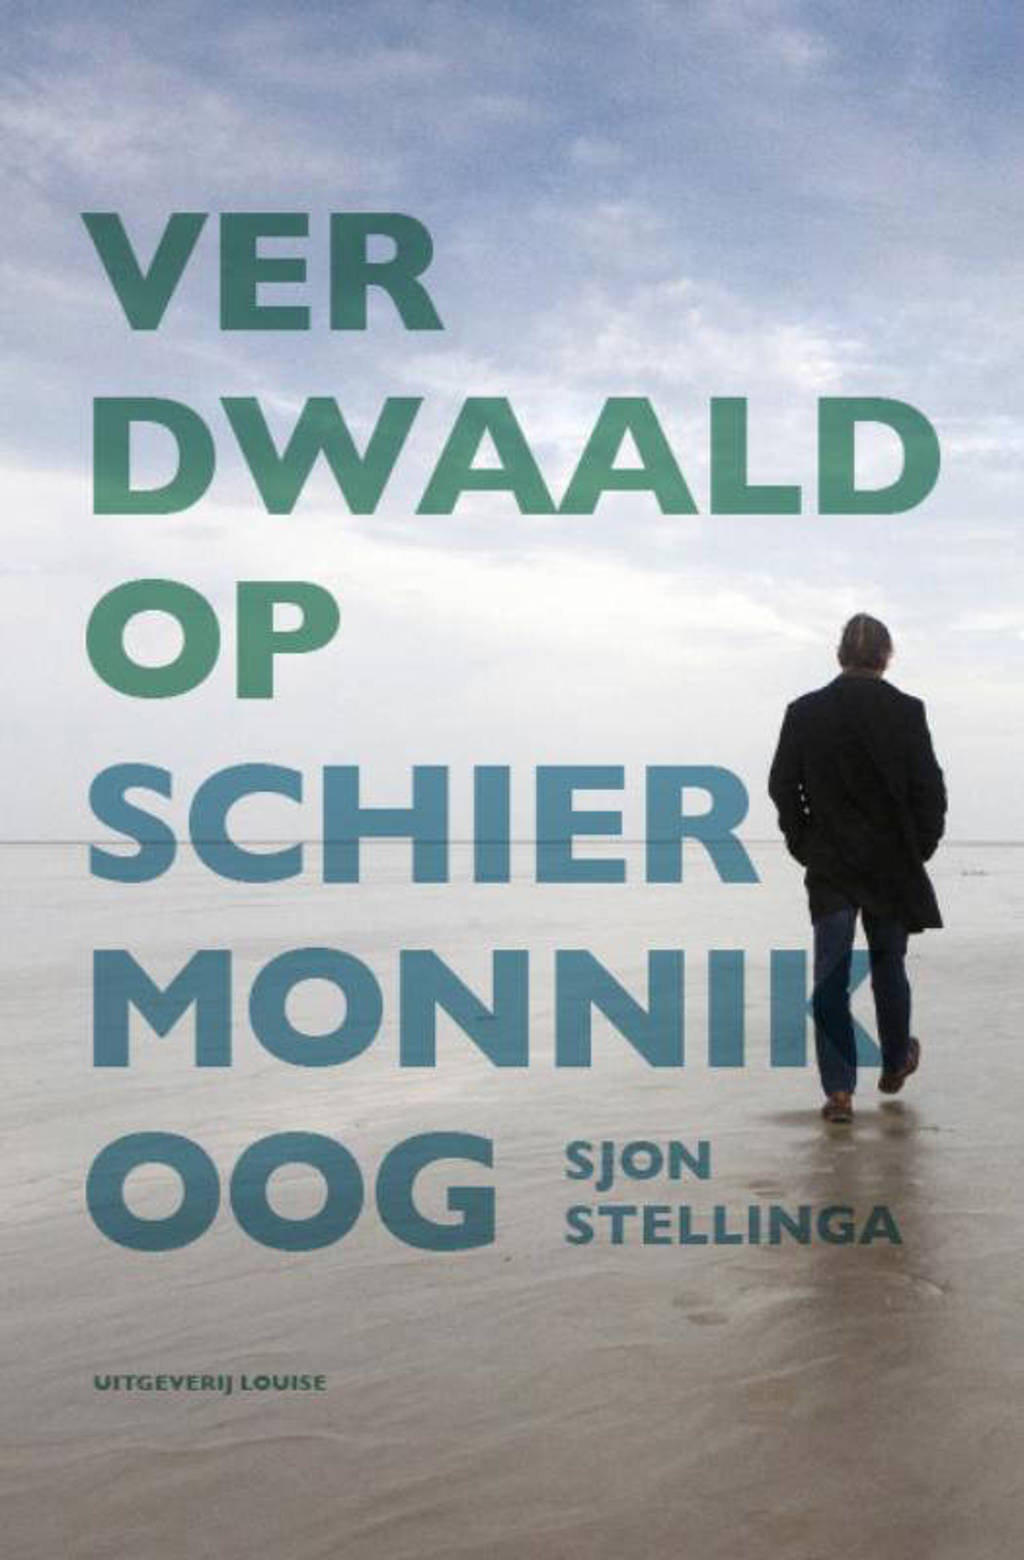 Verdwaald op Schiermonnikoog - Sjon Stellinga